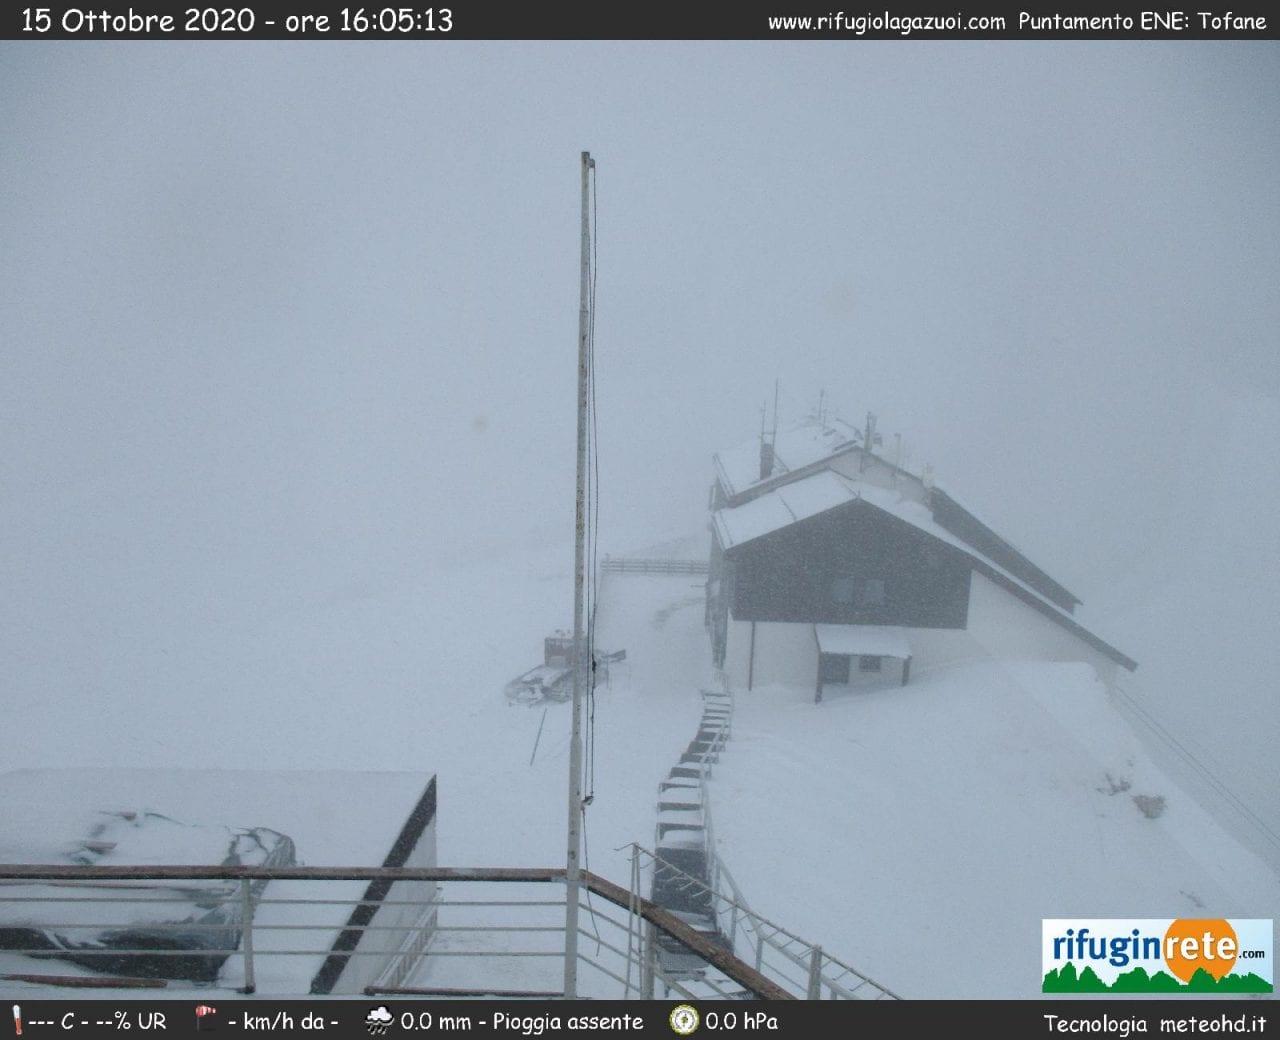 a9ff0978 0fcd 4db7 b9f3 c97d5678586f - Veneto, abbondanti nevicate tra le Alpi e le Prealpi: galleria fotografica